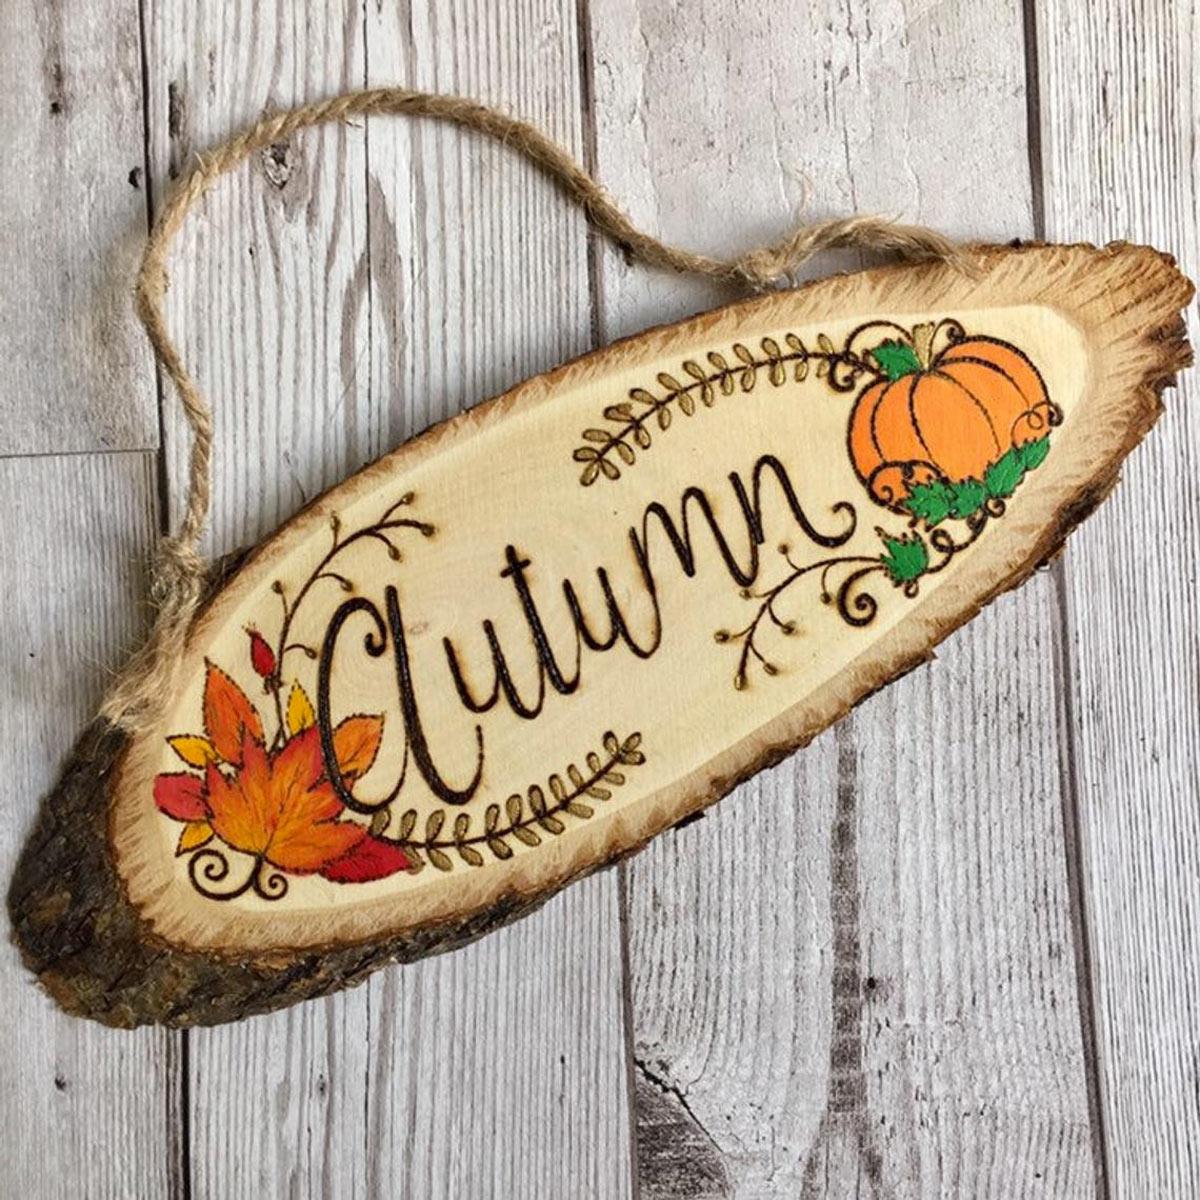 targhe fatte di legno rustico con scritto autunno